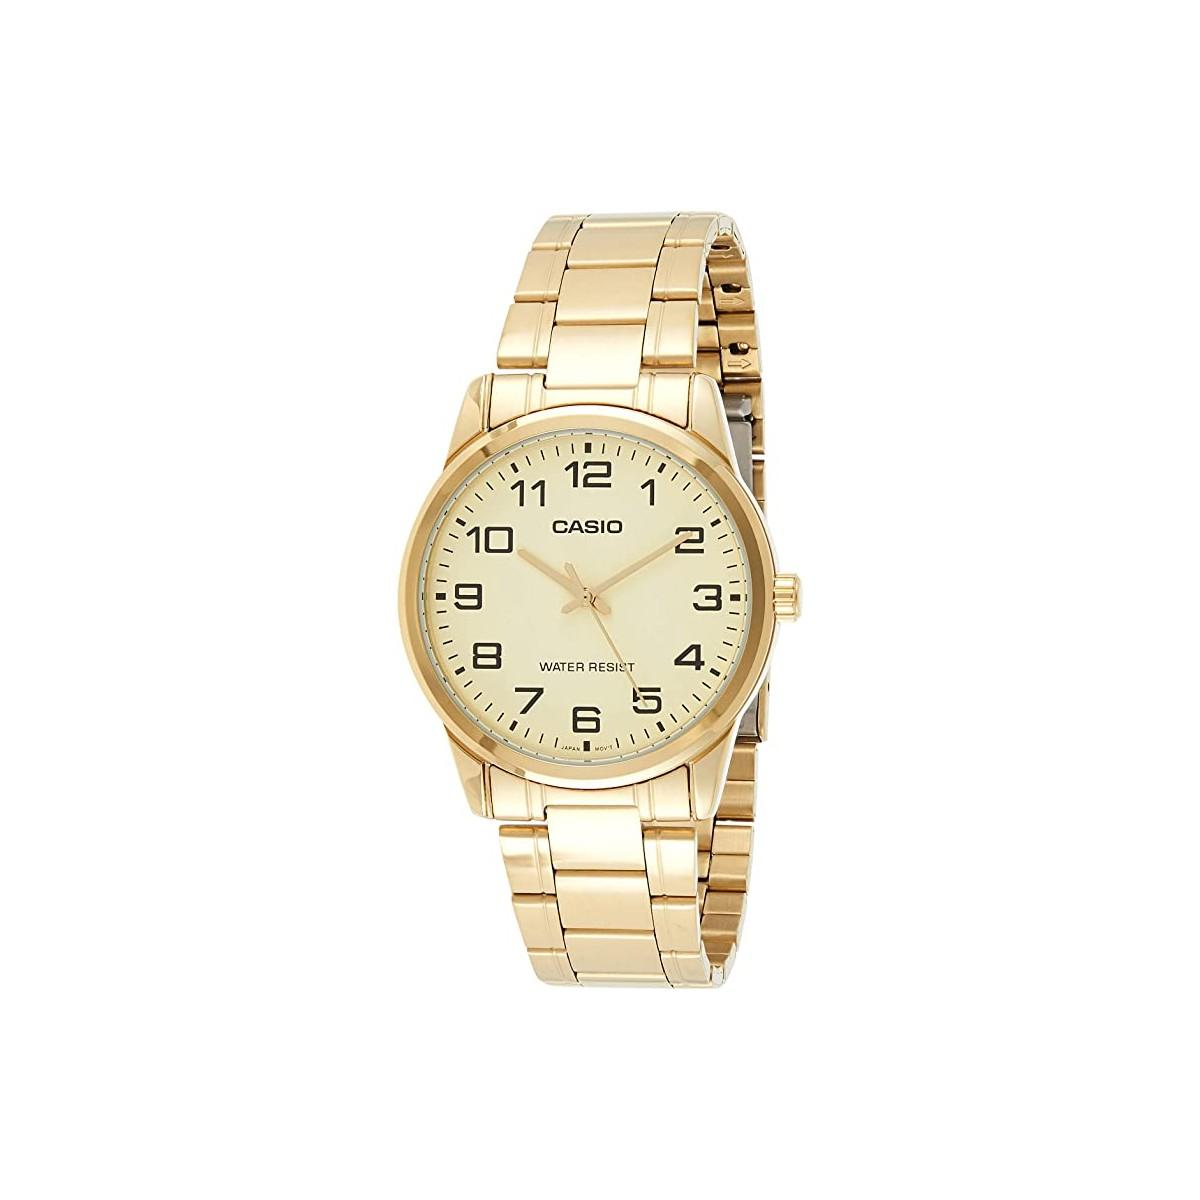 https://www.gaberjoyeria.com/5740-thickbox_default/reloj-casio.jpg